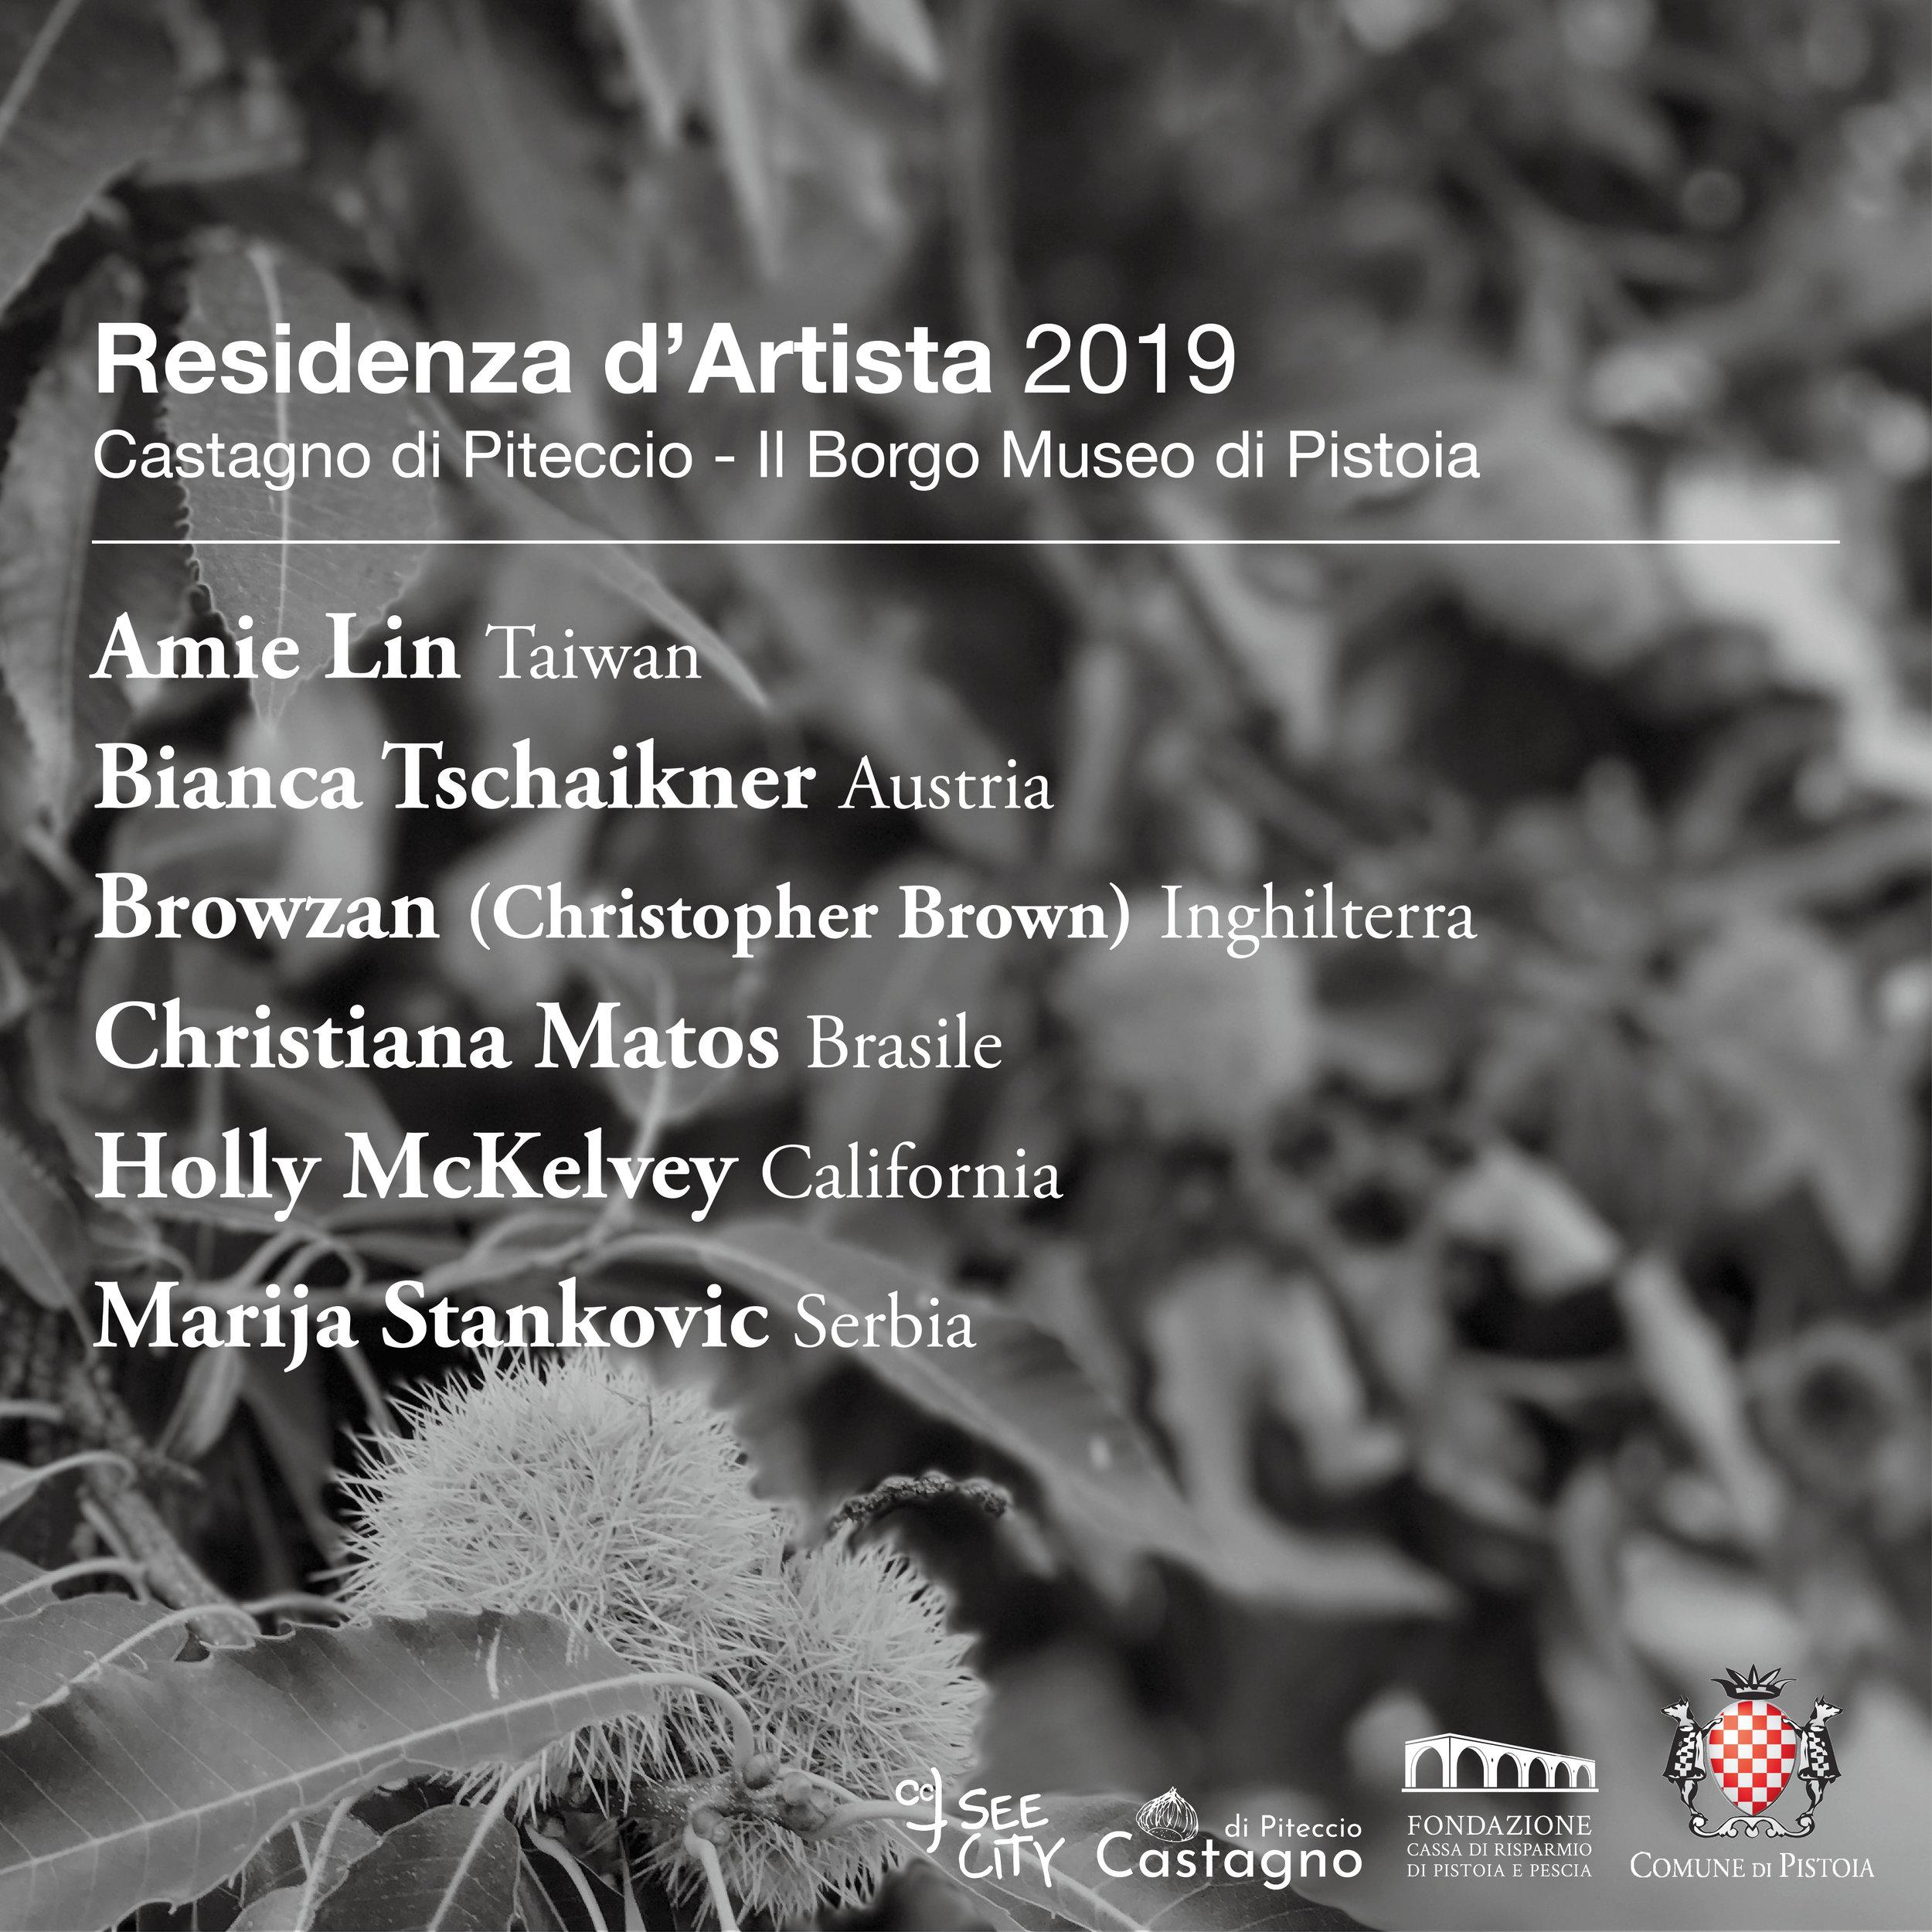 Castagno di Piteccio - Residenza d'Artista 2019.jpg